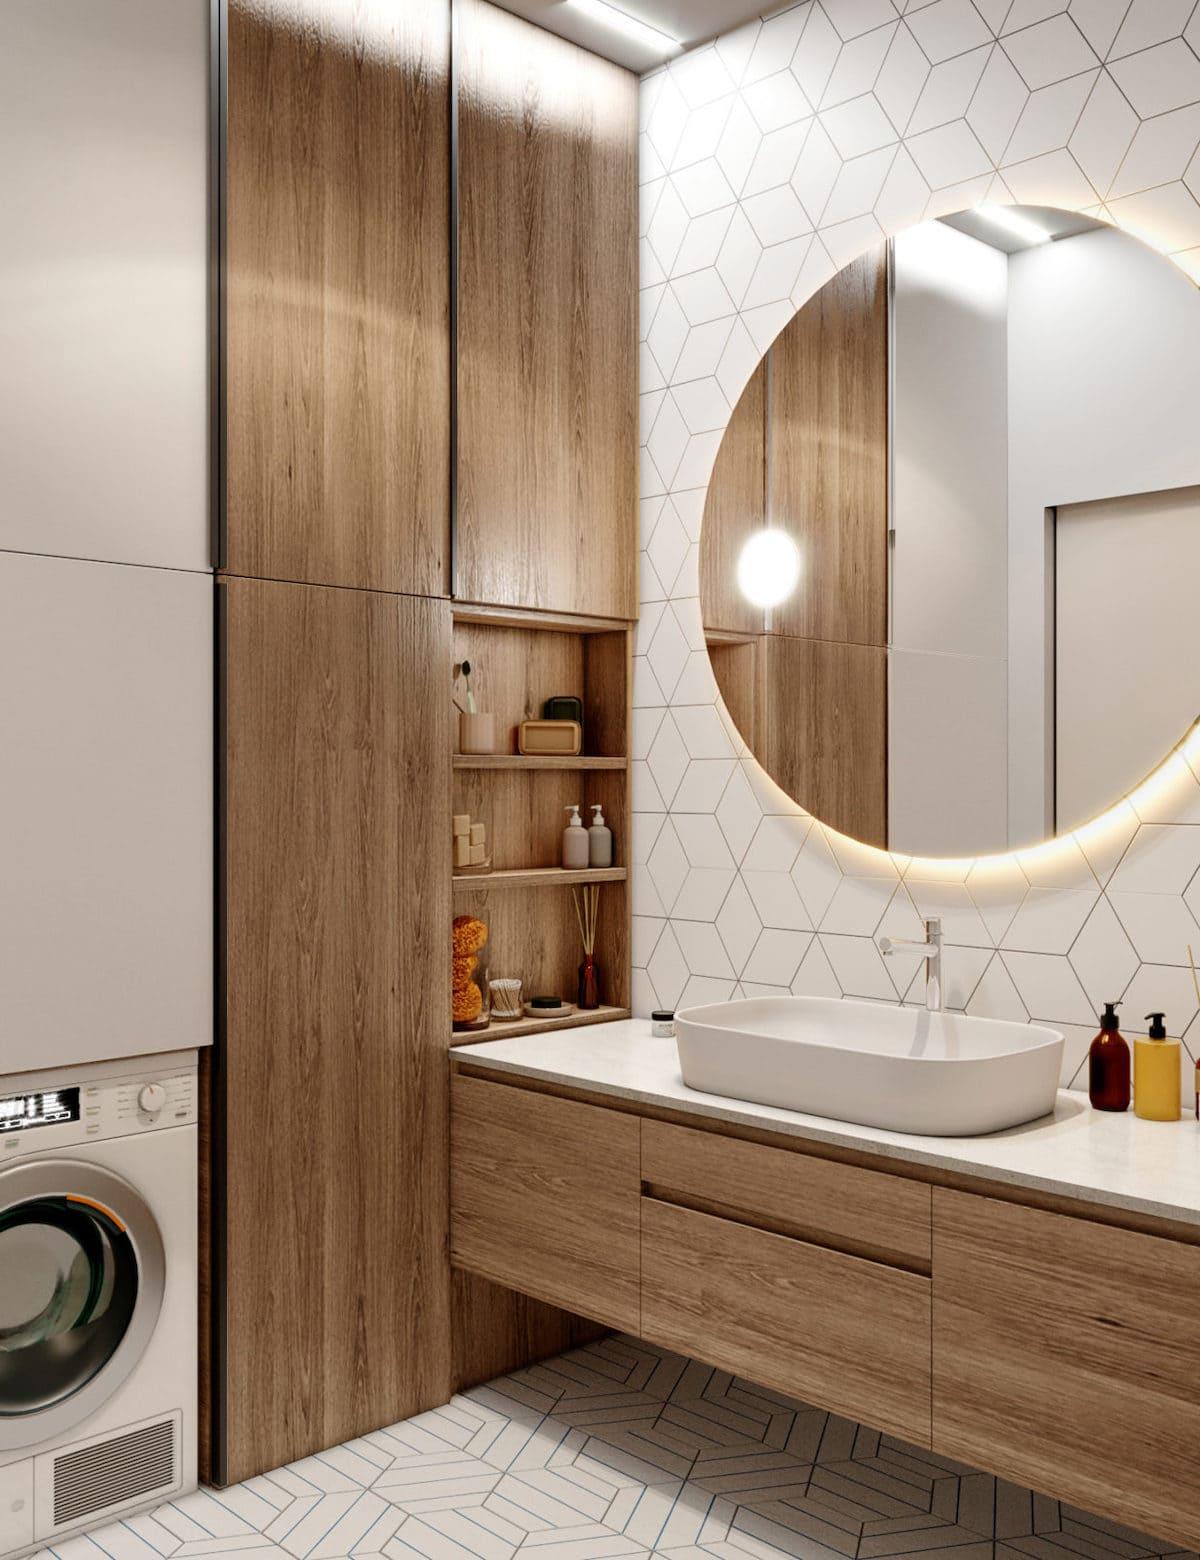 дизайн интерьера ванной комнаты фото 65